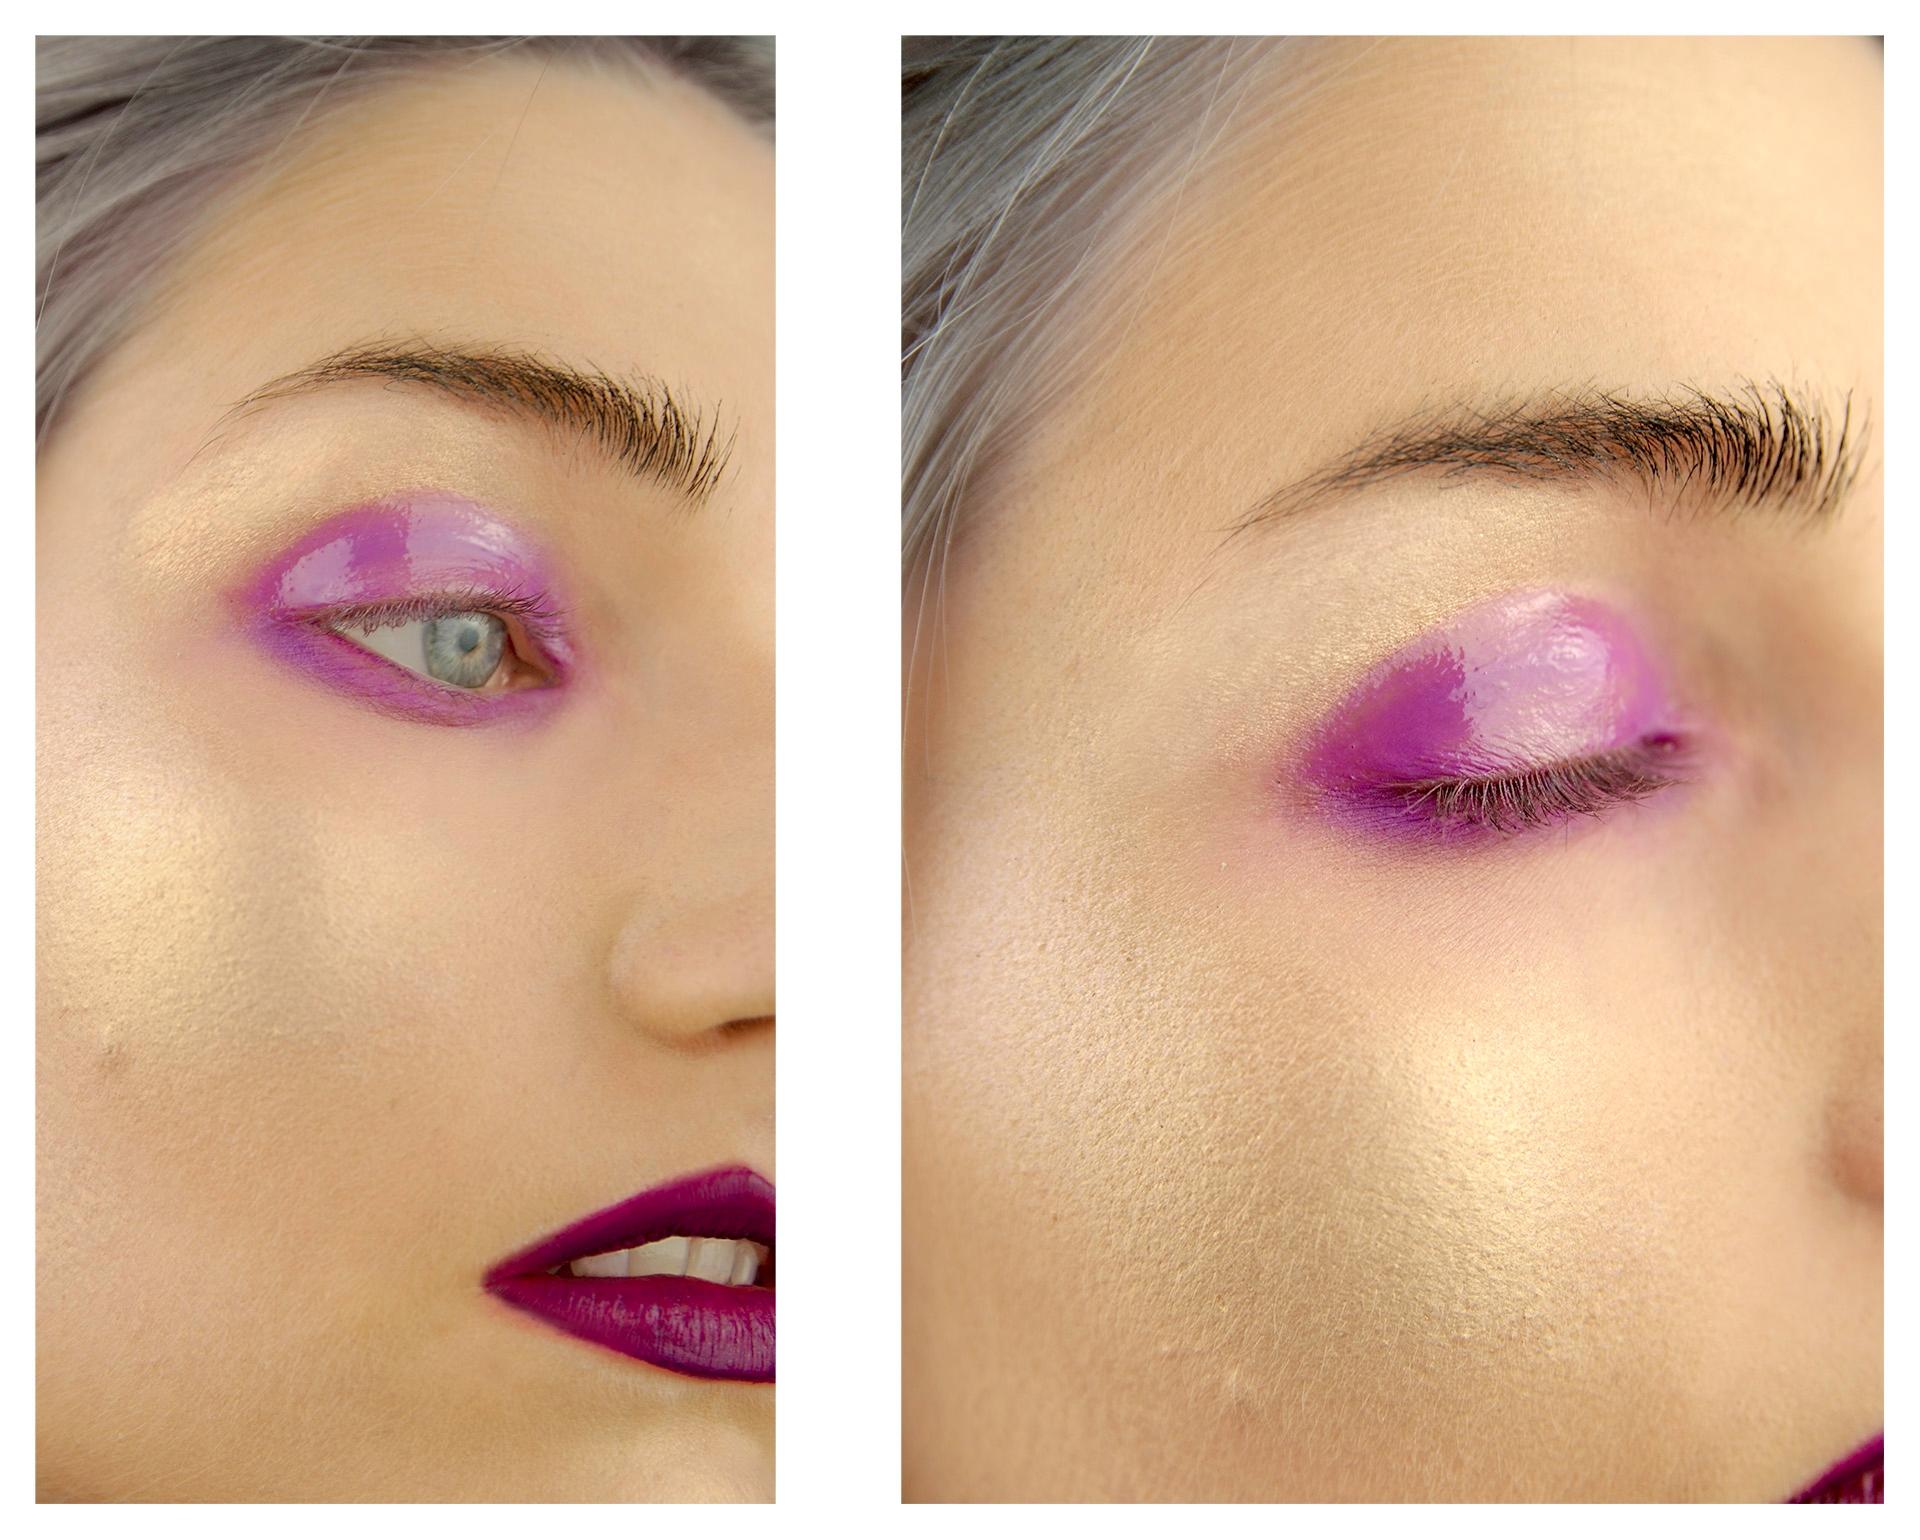 Obraz przedstawia dwa zdjęcie fragmentu kobiecej twarzy wraz z okiem w fioletowym makijażu. Na zdjęciu po prawej powieka jest zamknięta.